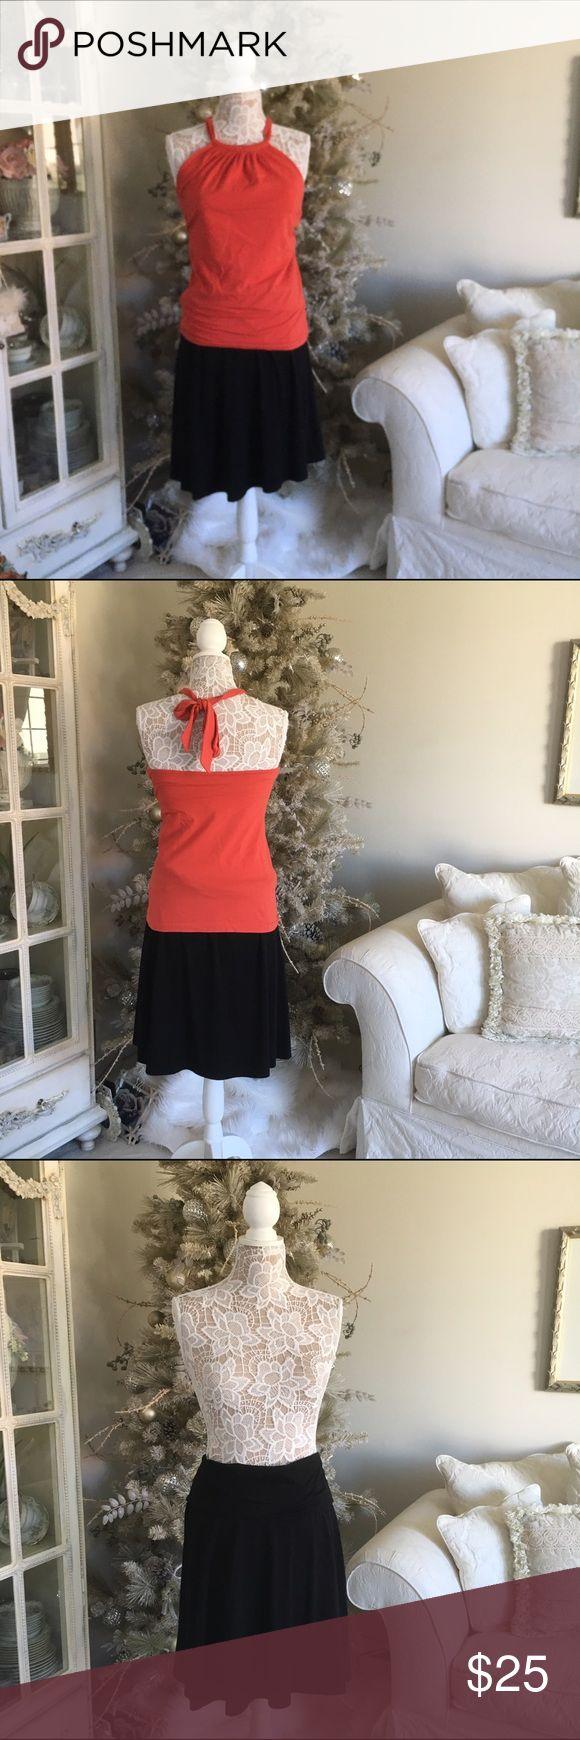 Black Lycra midi skirt by Old Navy Black cotton and Lycra midi skirt by Old Navy. Good condition🚫trades Old Navy Skirts Midi